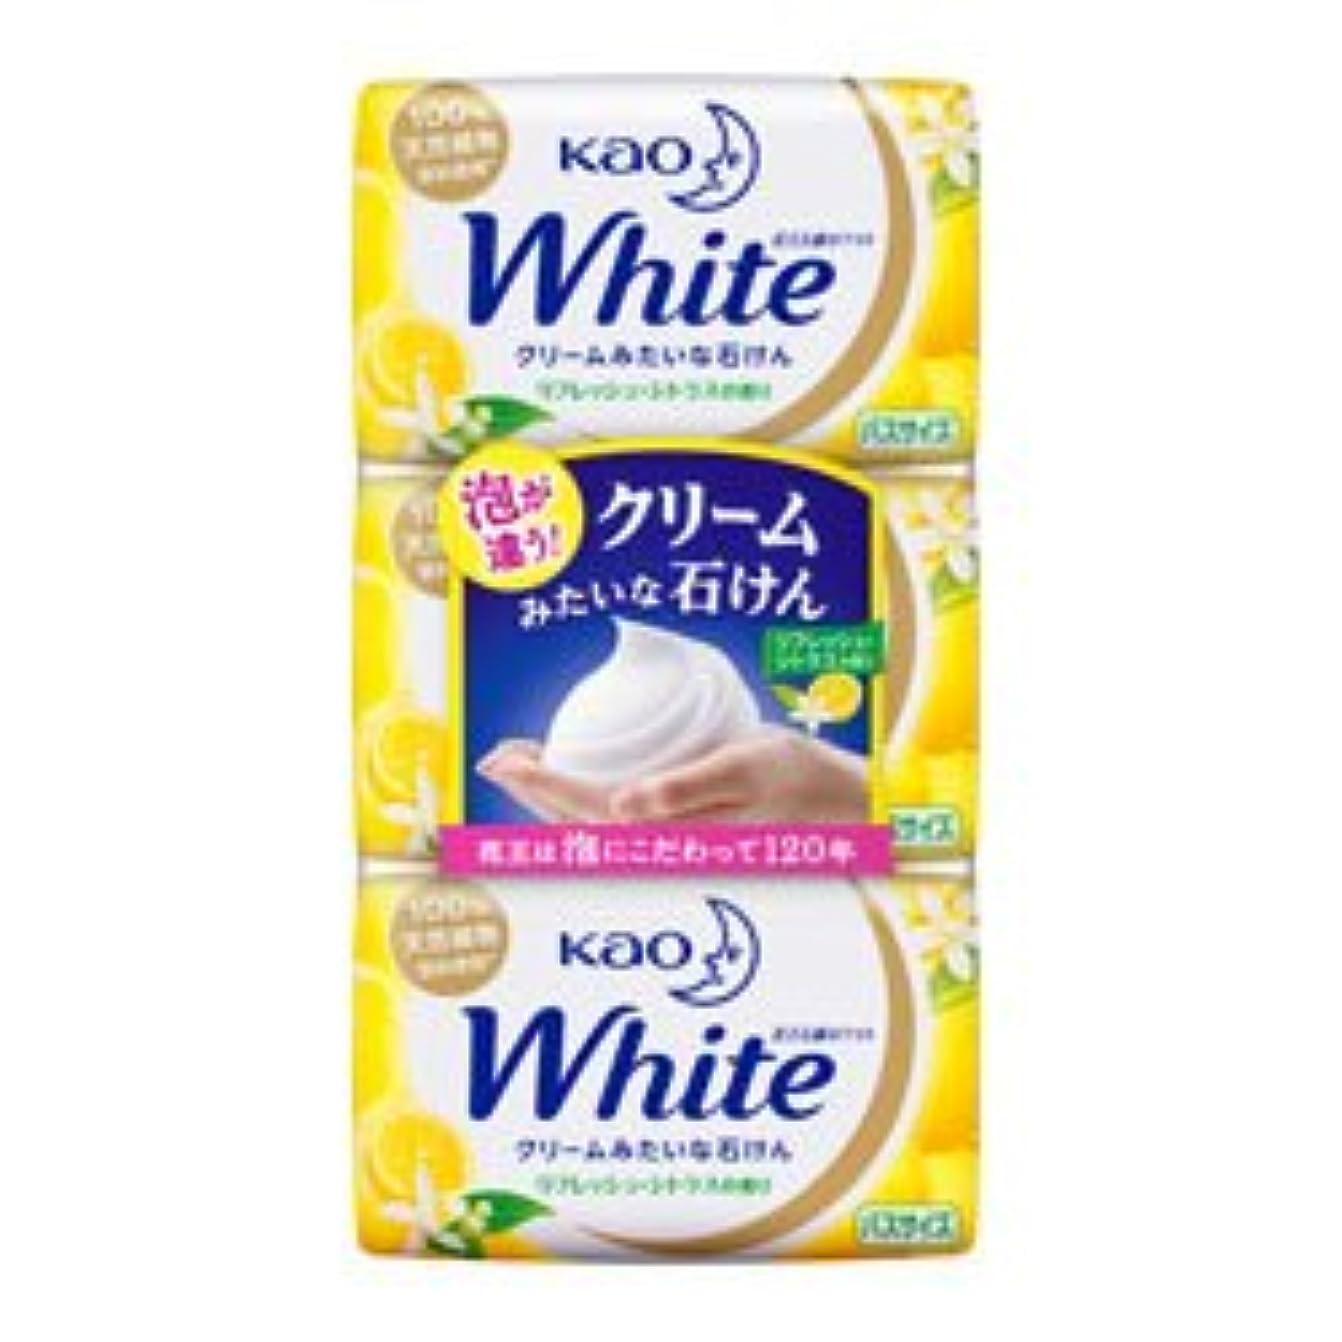 【花王】ホワイト リフレッシュ?シトラスの香り バスサイズ 130g×3個入 ×20個セット